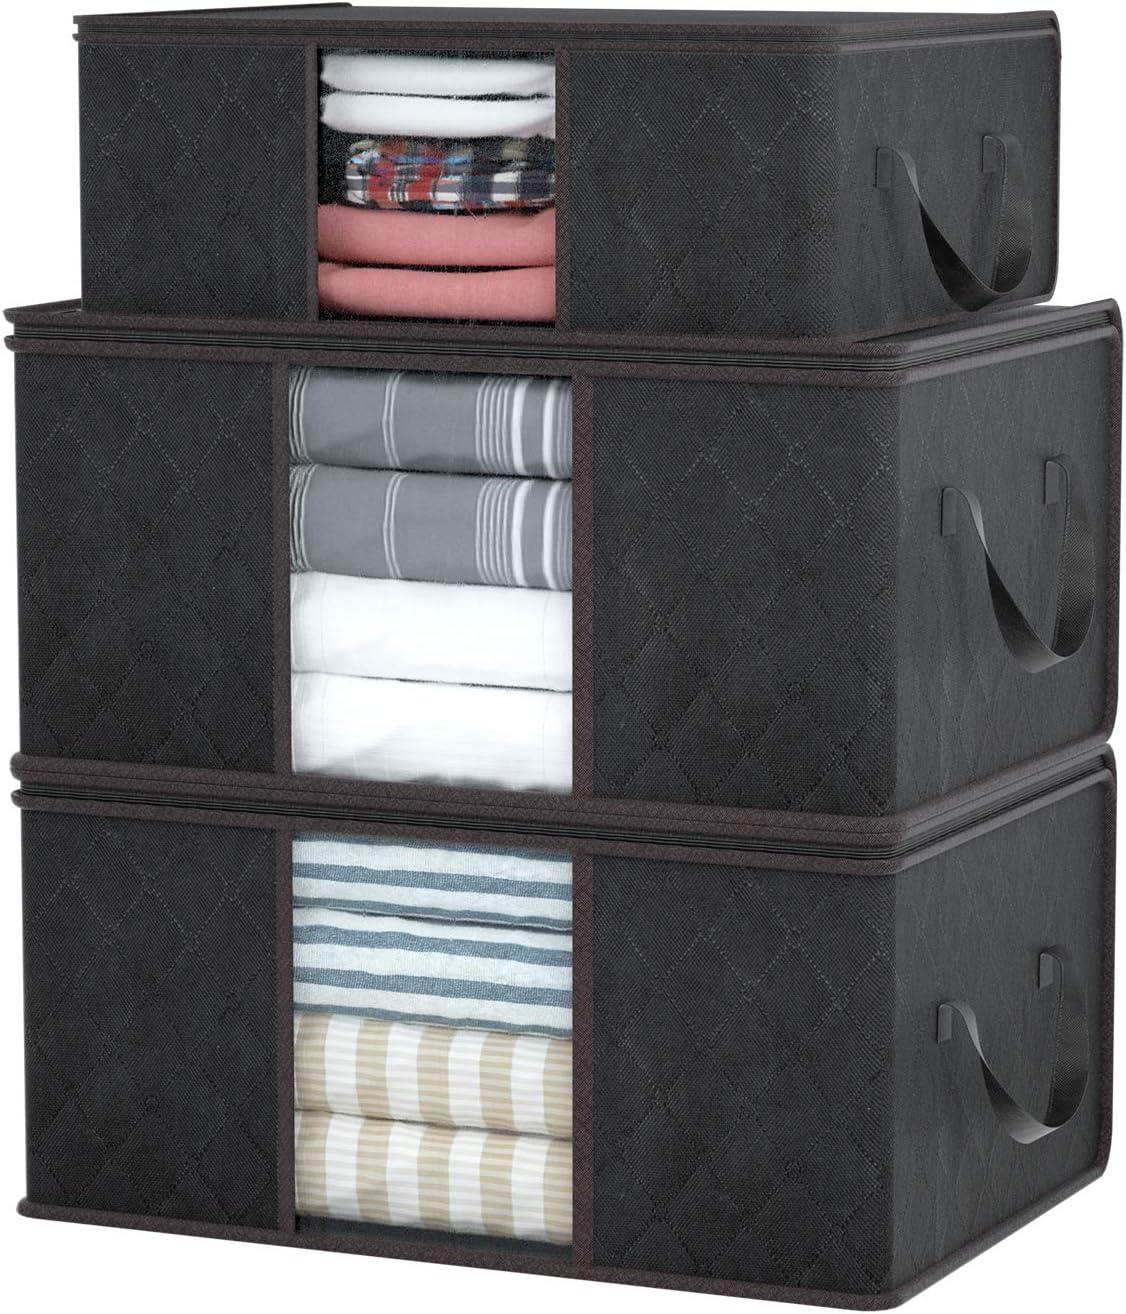 Grau Decken DIMJ 3 St/ück Aufbewahrungstasche Faltbare Aufbewahrungsboxen Kissen Quilt Saison Artikel Lagerung Kleidung Gro/ße langlebige f/ür Bettw/äsche